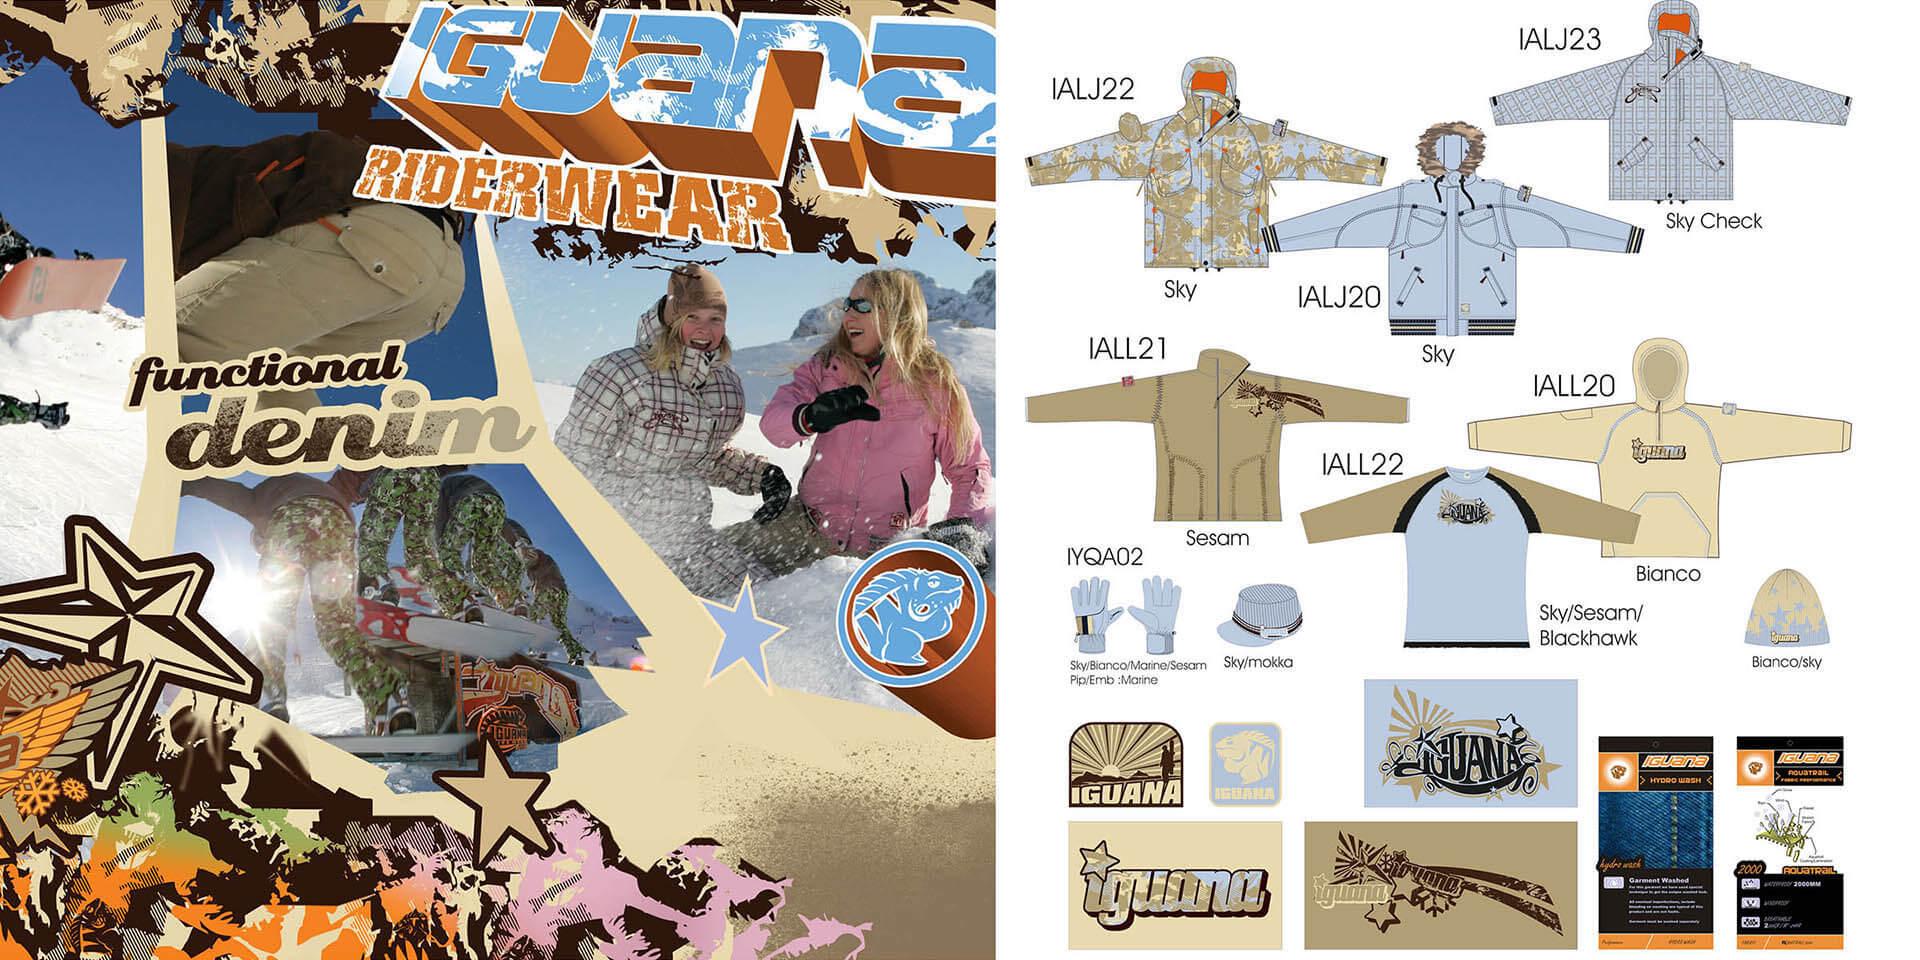 fashion combo 20 6ispo sport fashion ski snowboard race cross